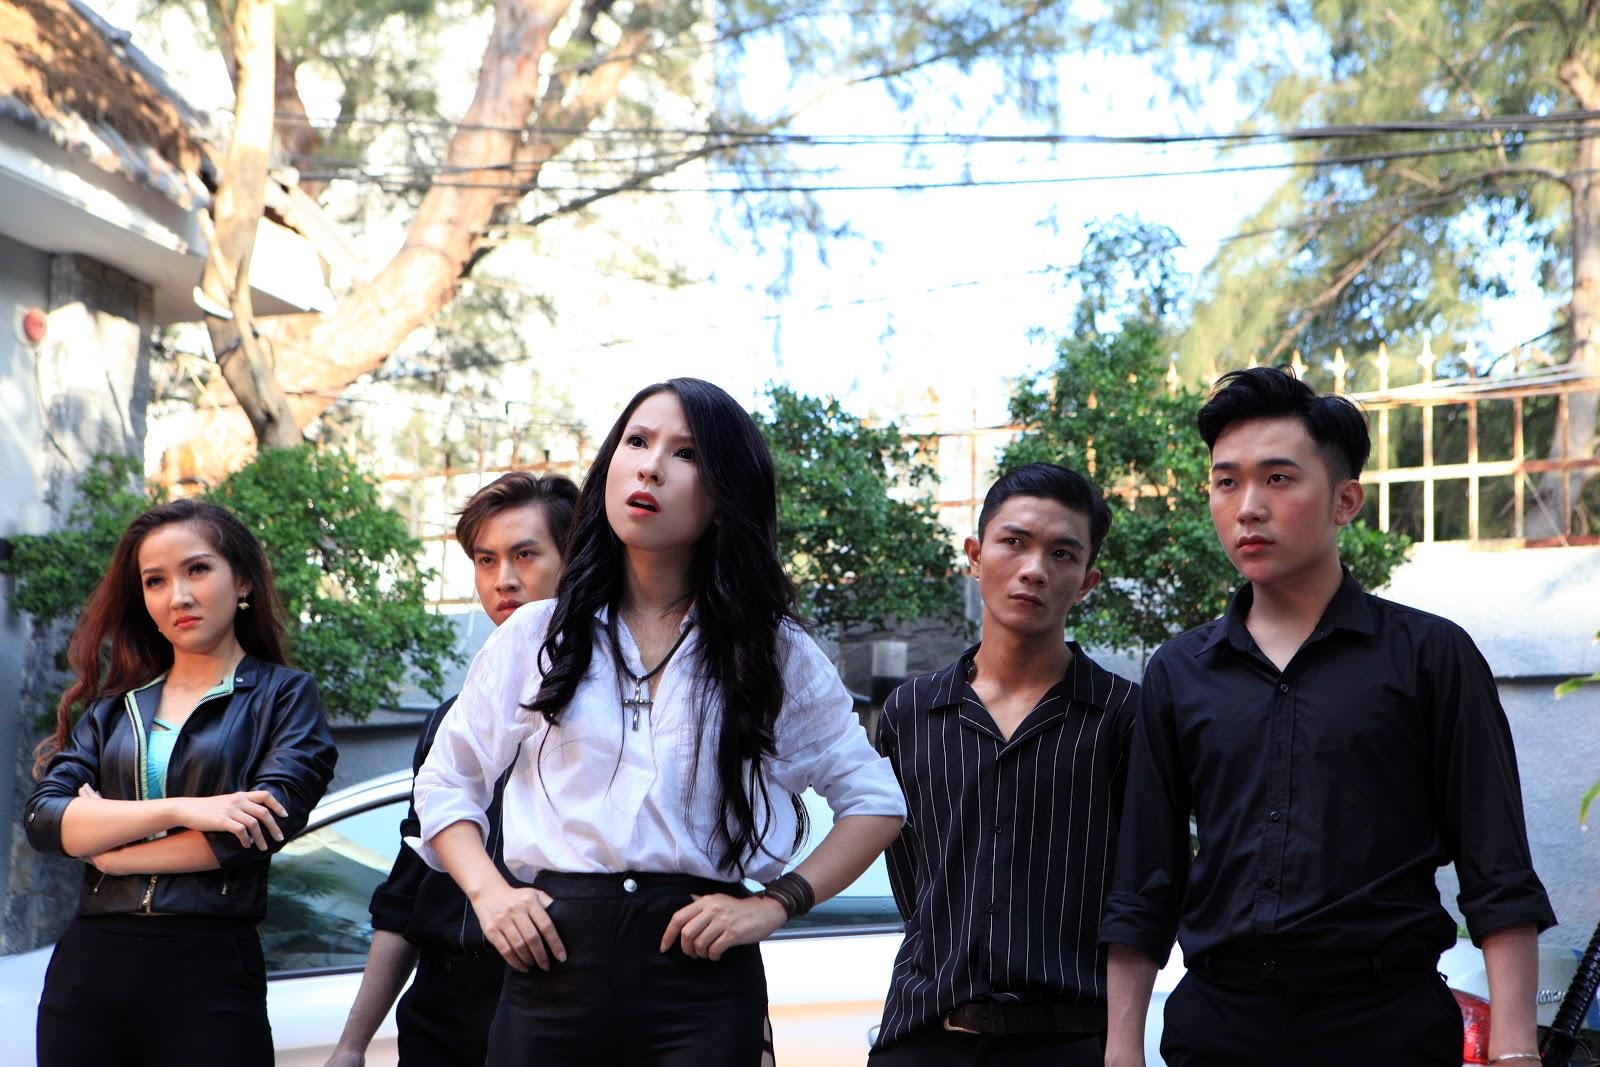 Vượt mặt Hương Giang, Nguyễn Trần Trung Quân, 'thánh parody' Thiên An ăn mừng nút vàng Youtube - Hình 1